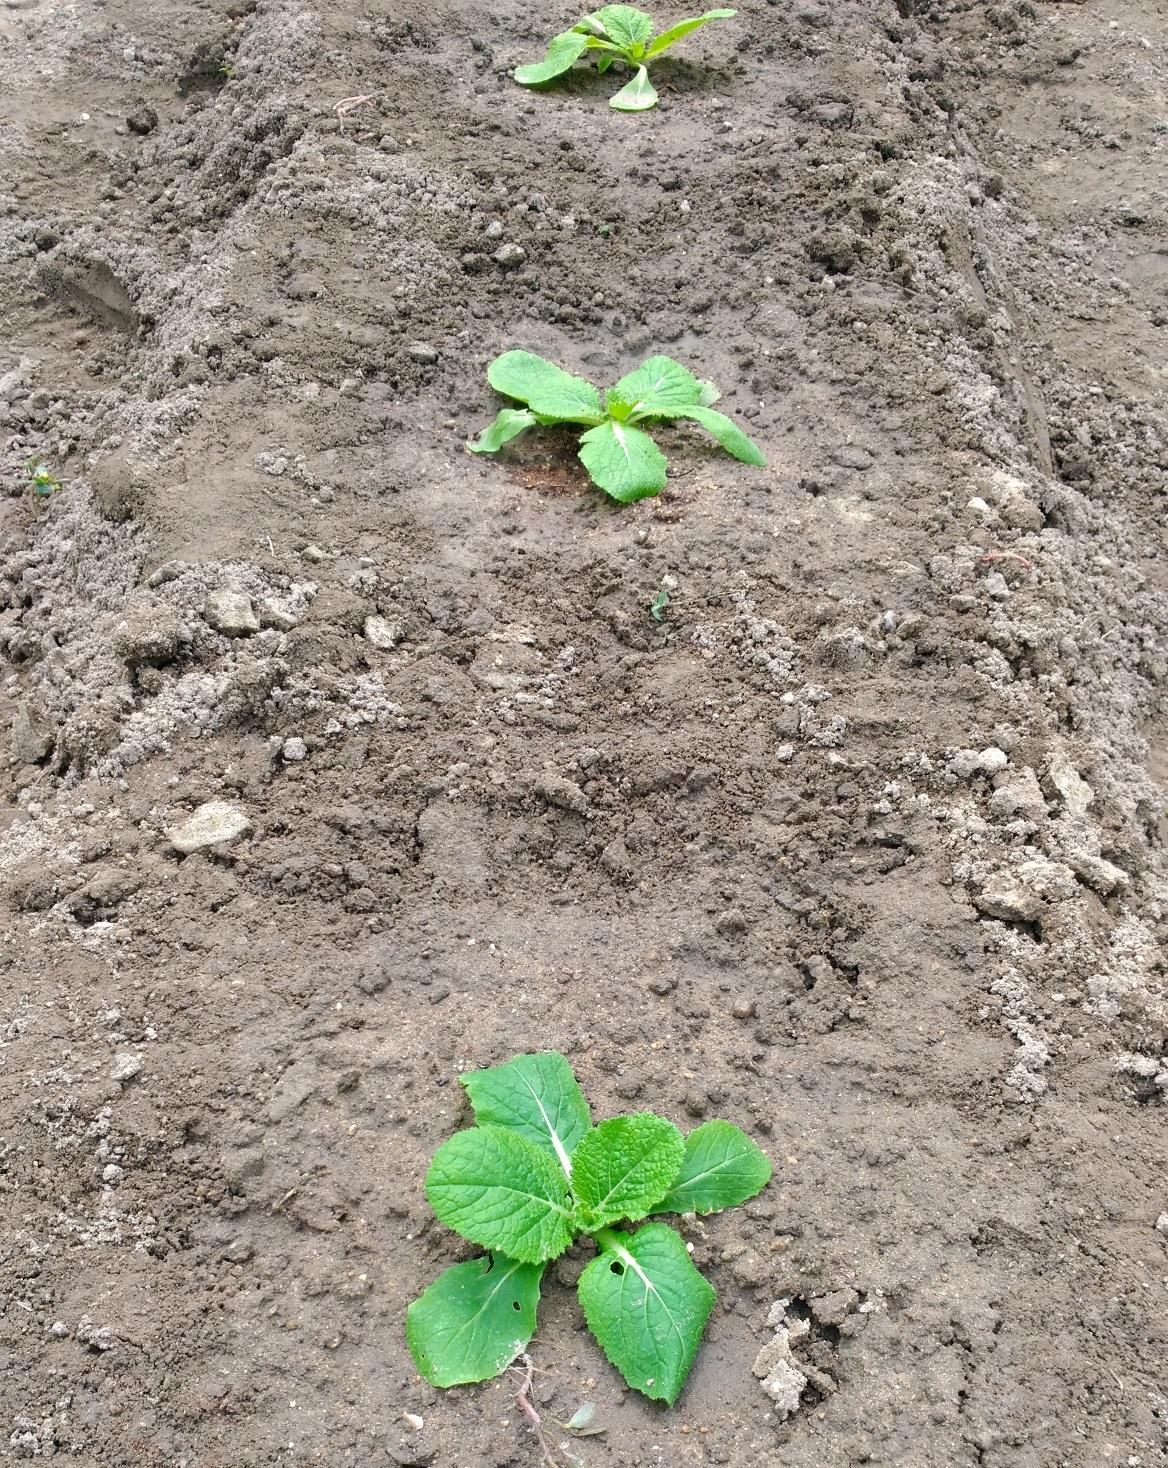 9月19日:秋冬野菜の植付けを行いました!「秋冬のおすすめ野菜」も固まってきましたね。 ーずぼらでもできる家庭菜園ー